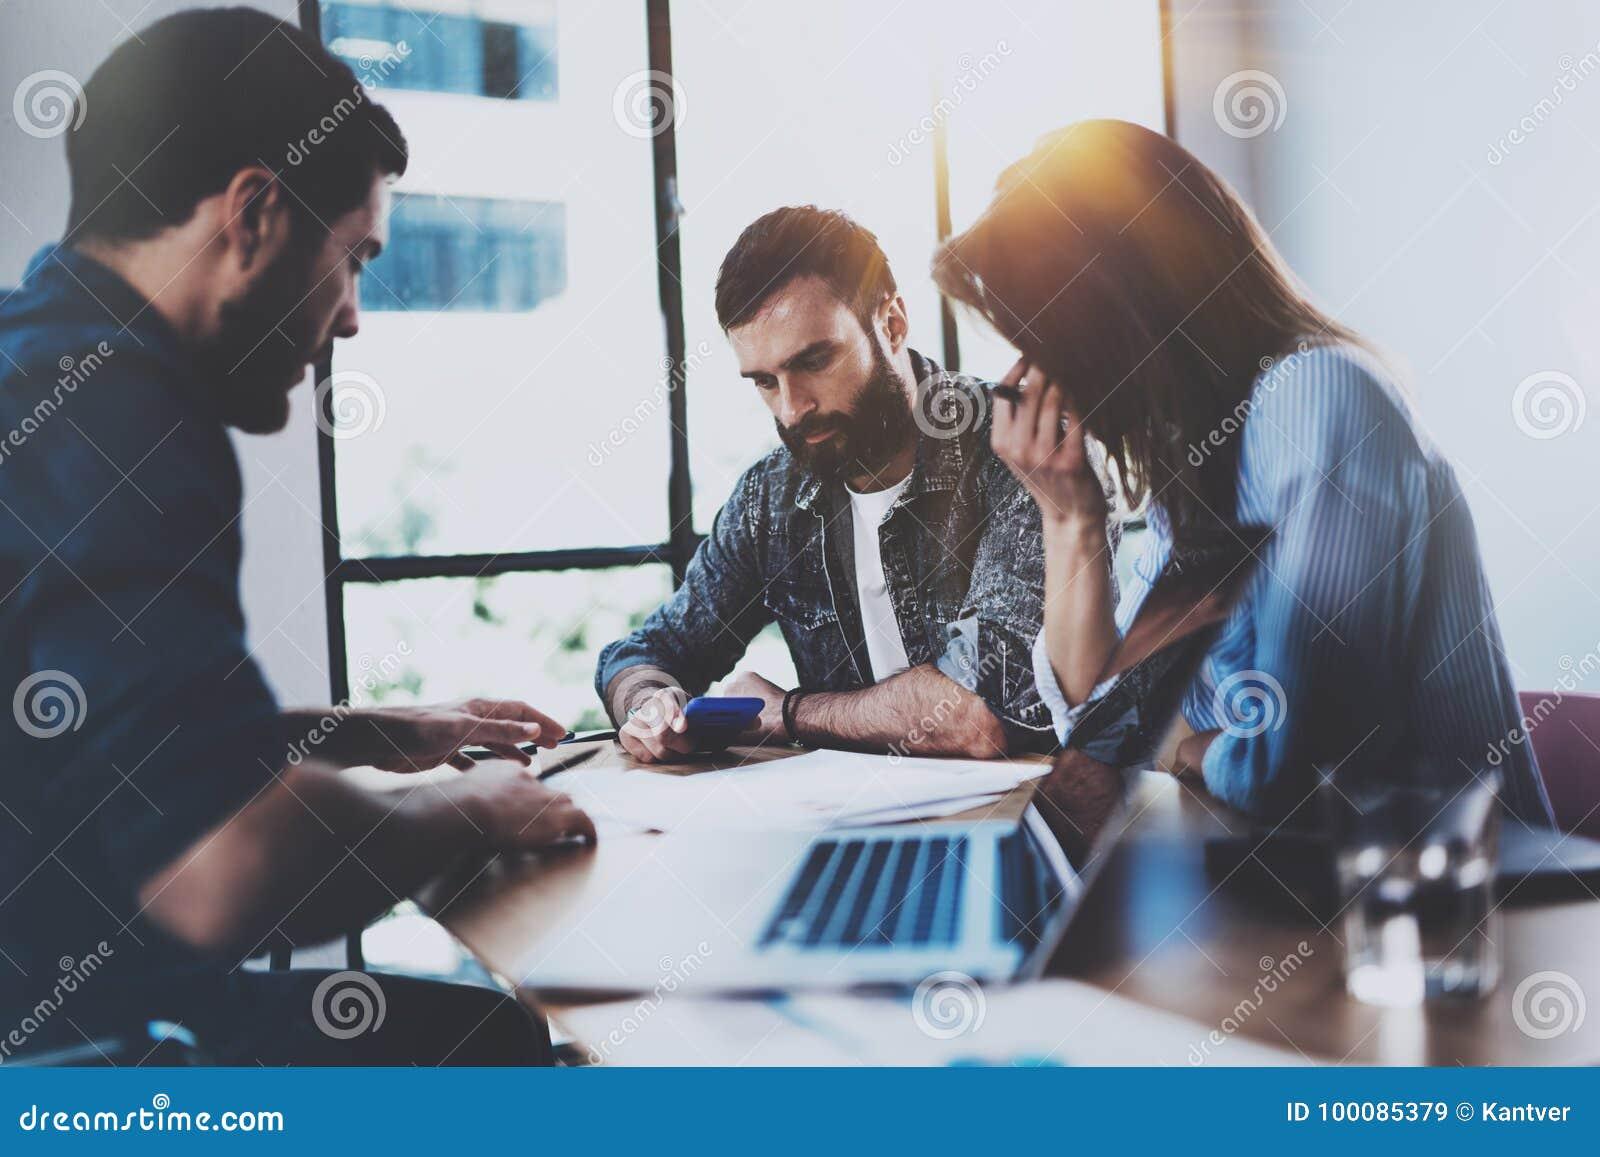 Молодые профессионалы дела обсуждая новое дело проектируют в современном офисе Группа в составе 3 сотрудника коллективно обсуждат